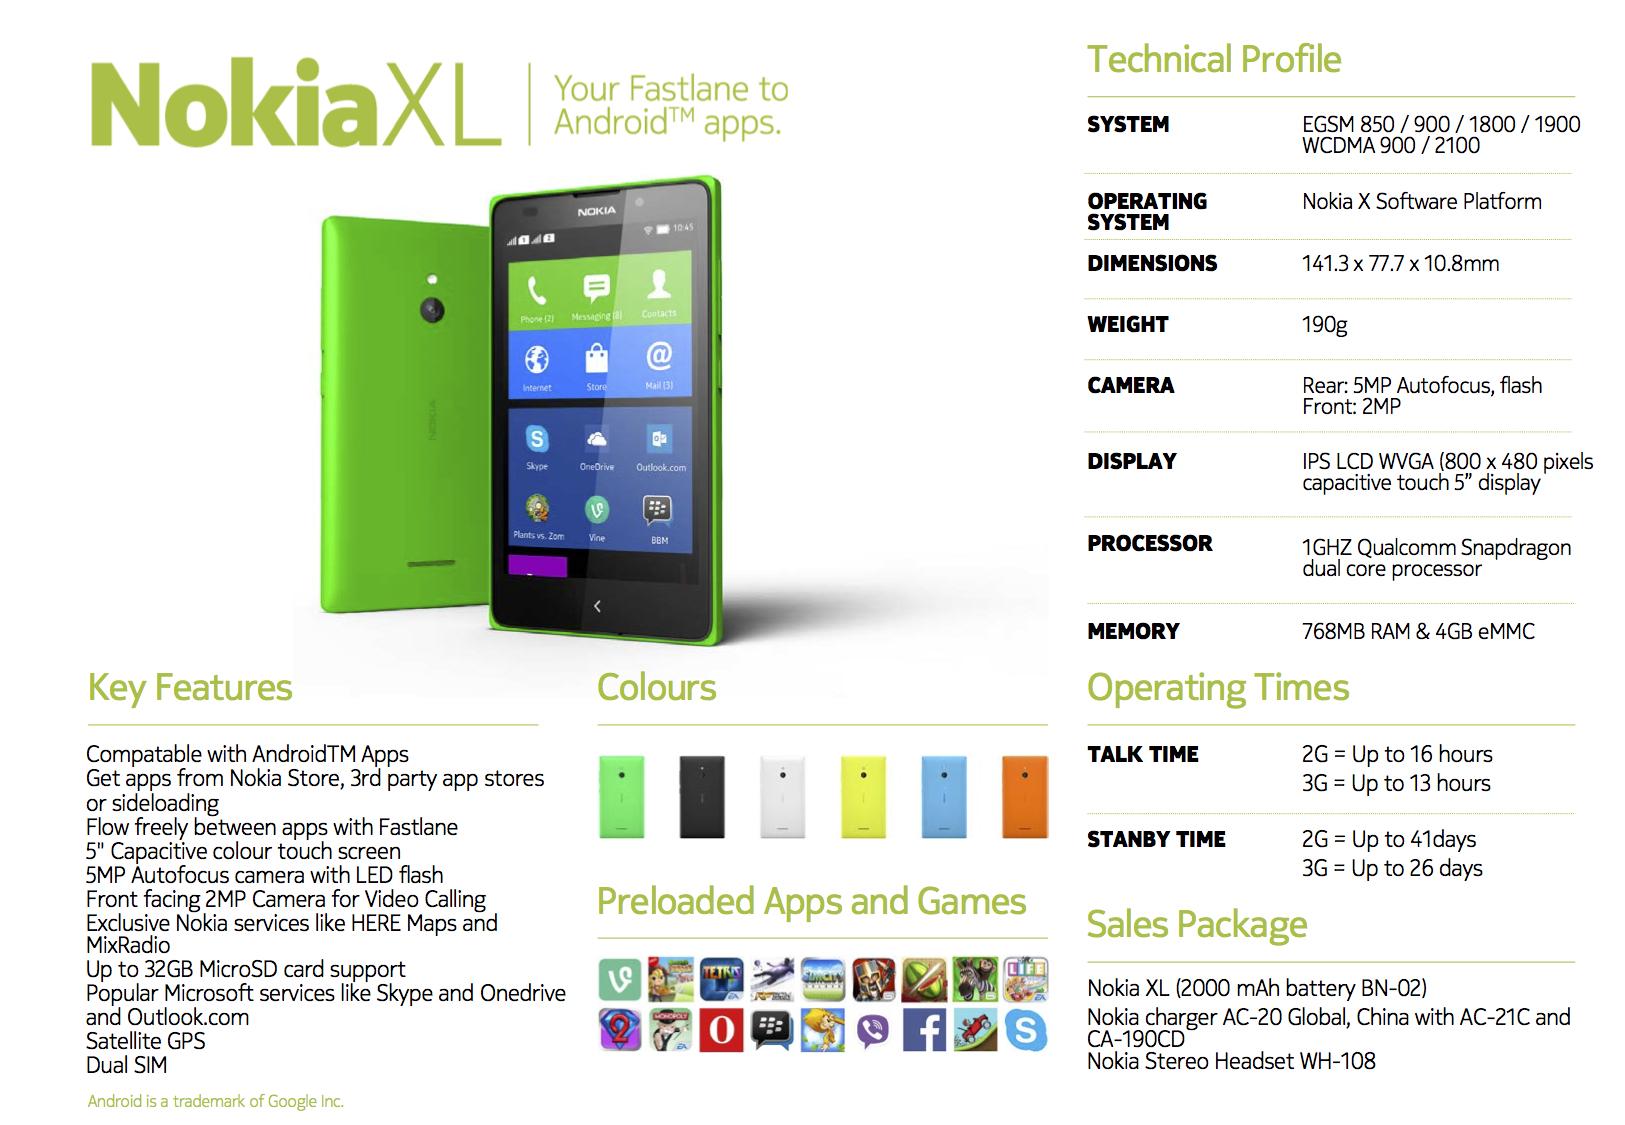 Najnowsza Nokia z serii X  o nazwie Nokia XL trafi do sprzeda¿y w Indiach